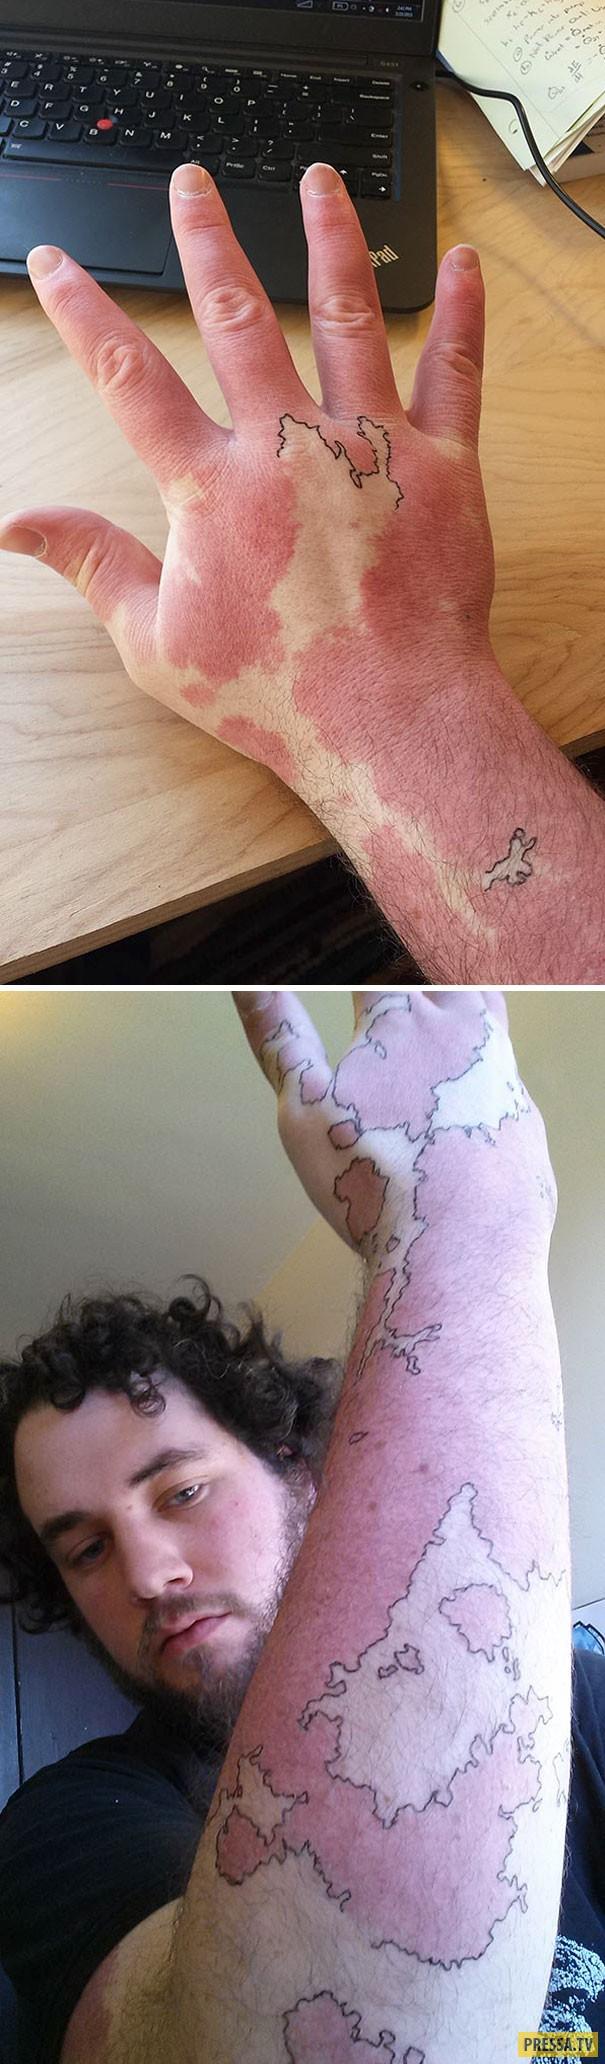 Маскировка проблемных мест на теле с помощью тату (46 фото)